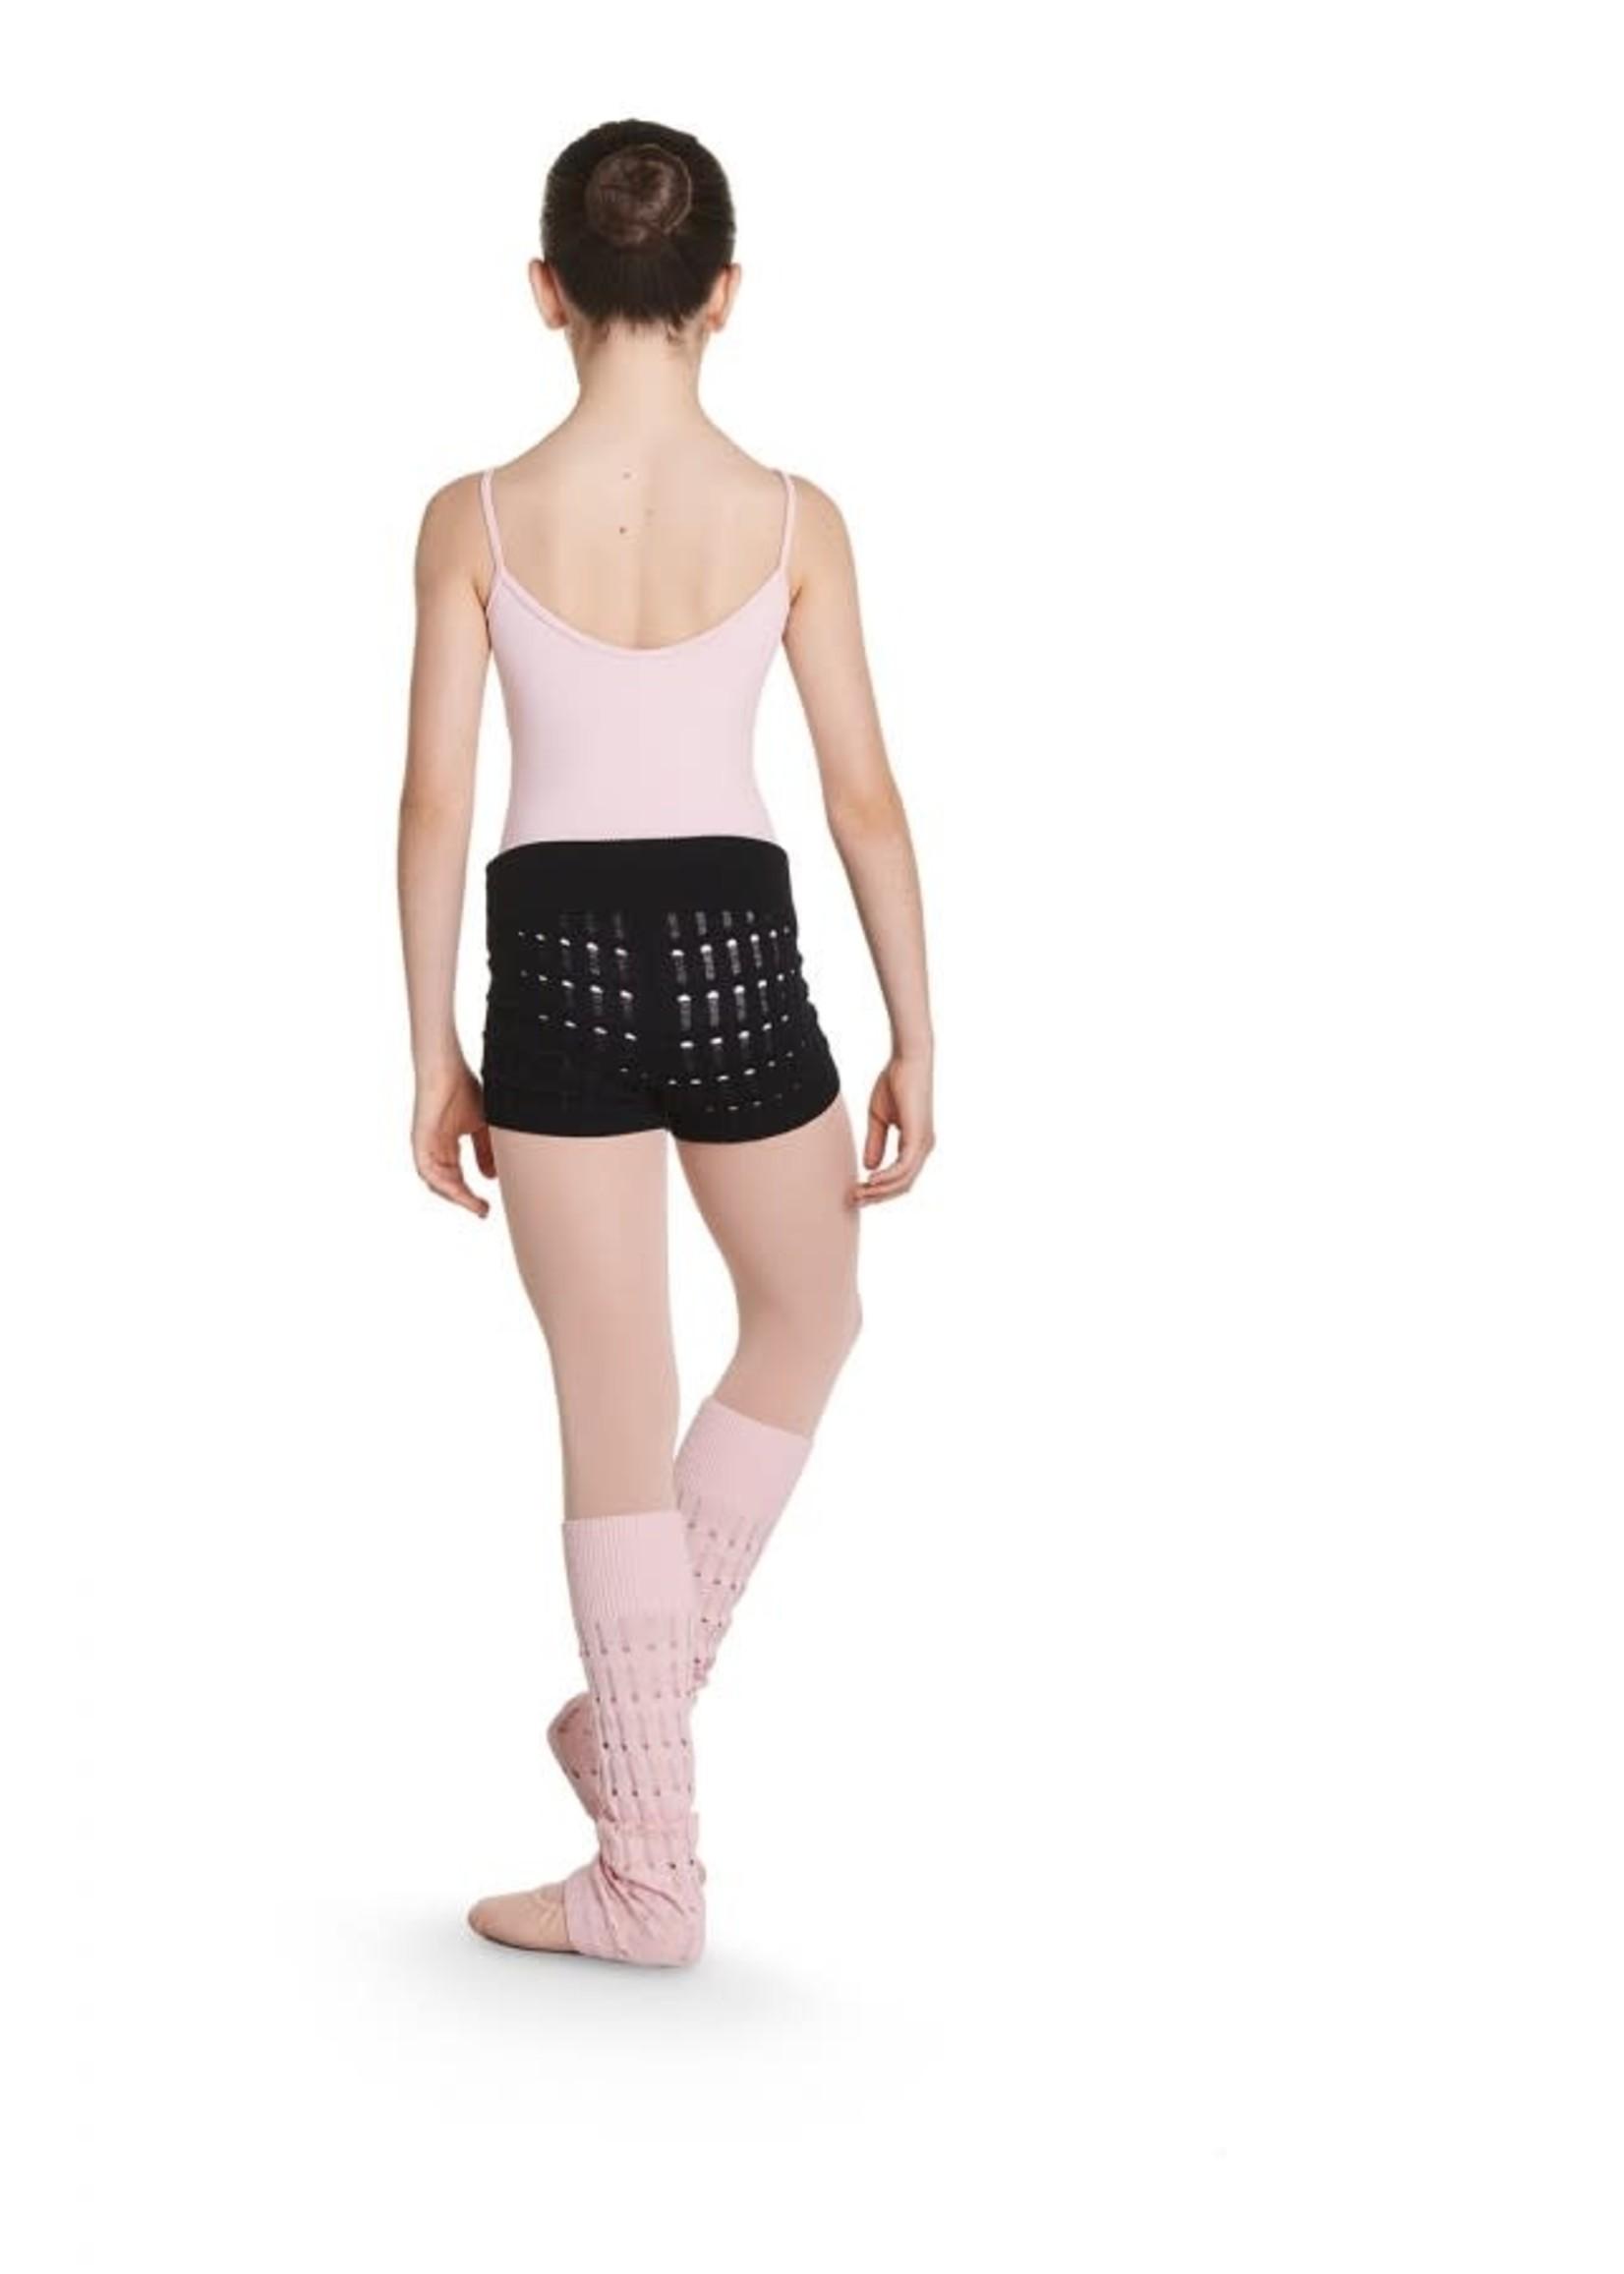 Bloch Réchauffe-jambes texturé Viletta - Bloch - CW5530